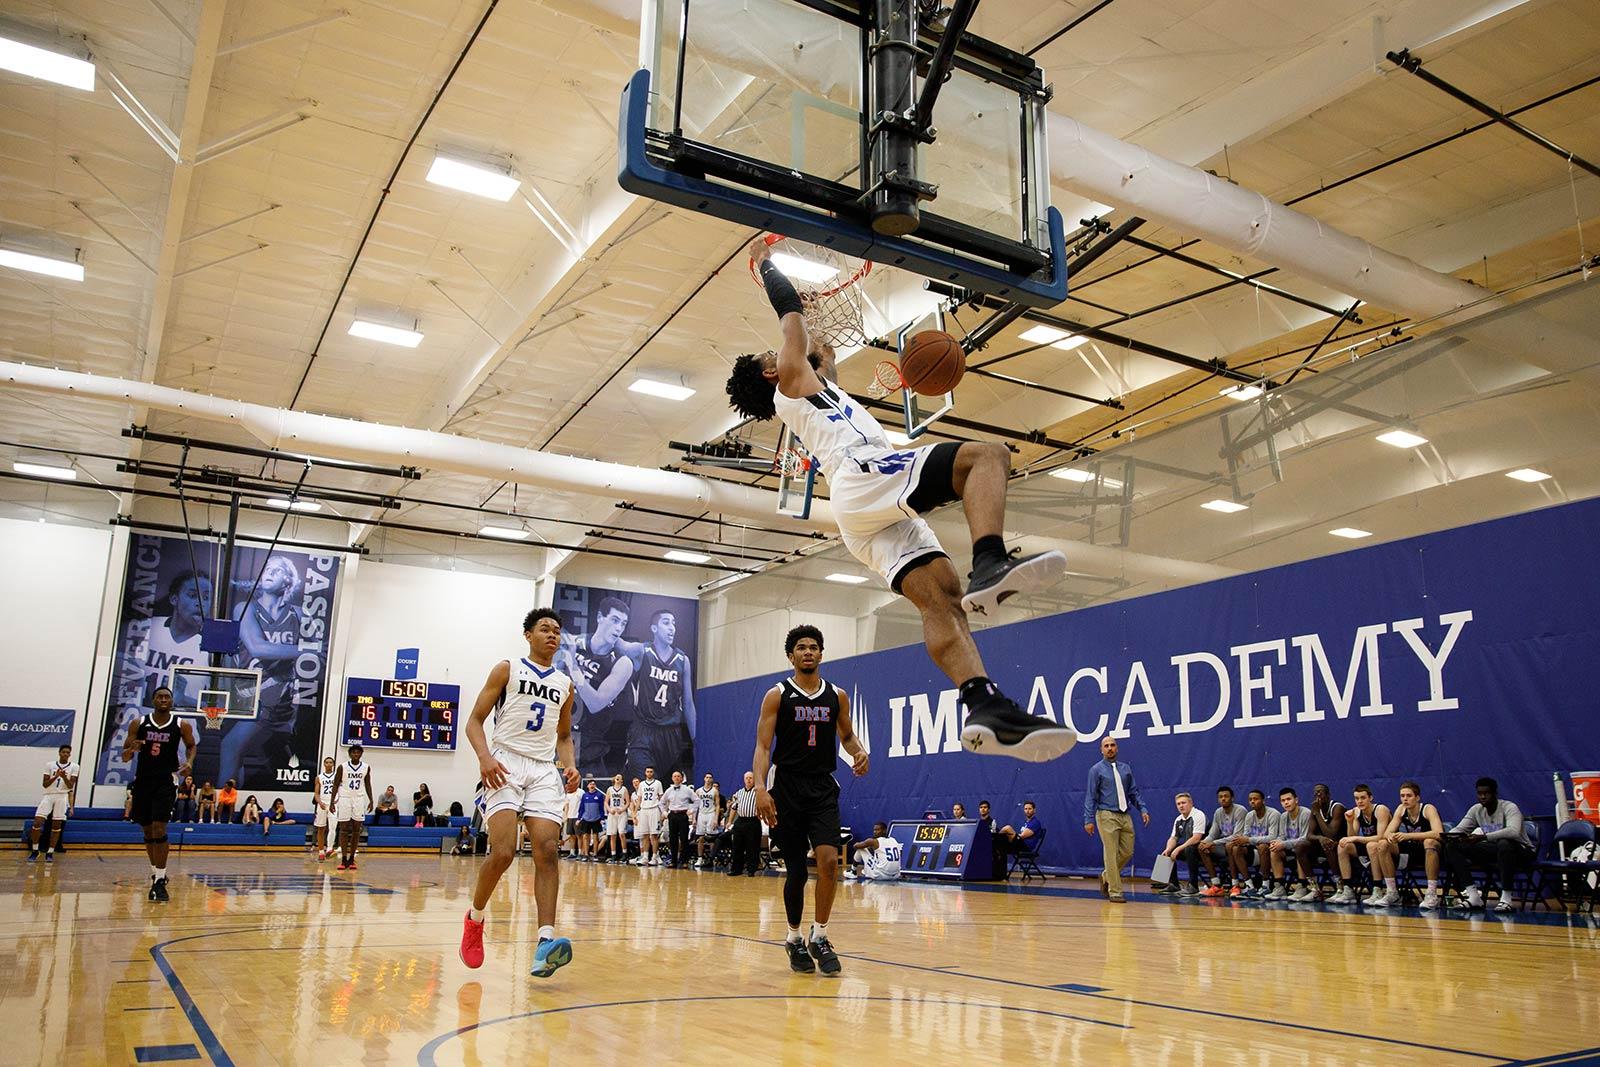 IMG Academy Gymnasium